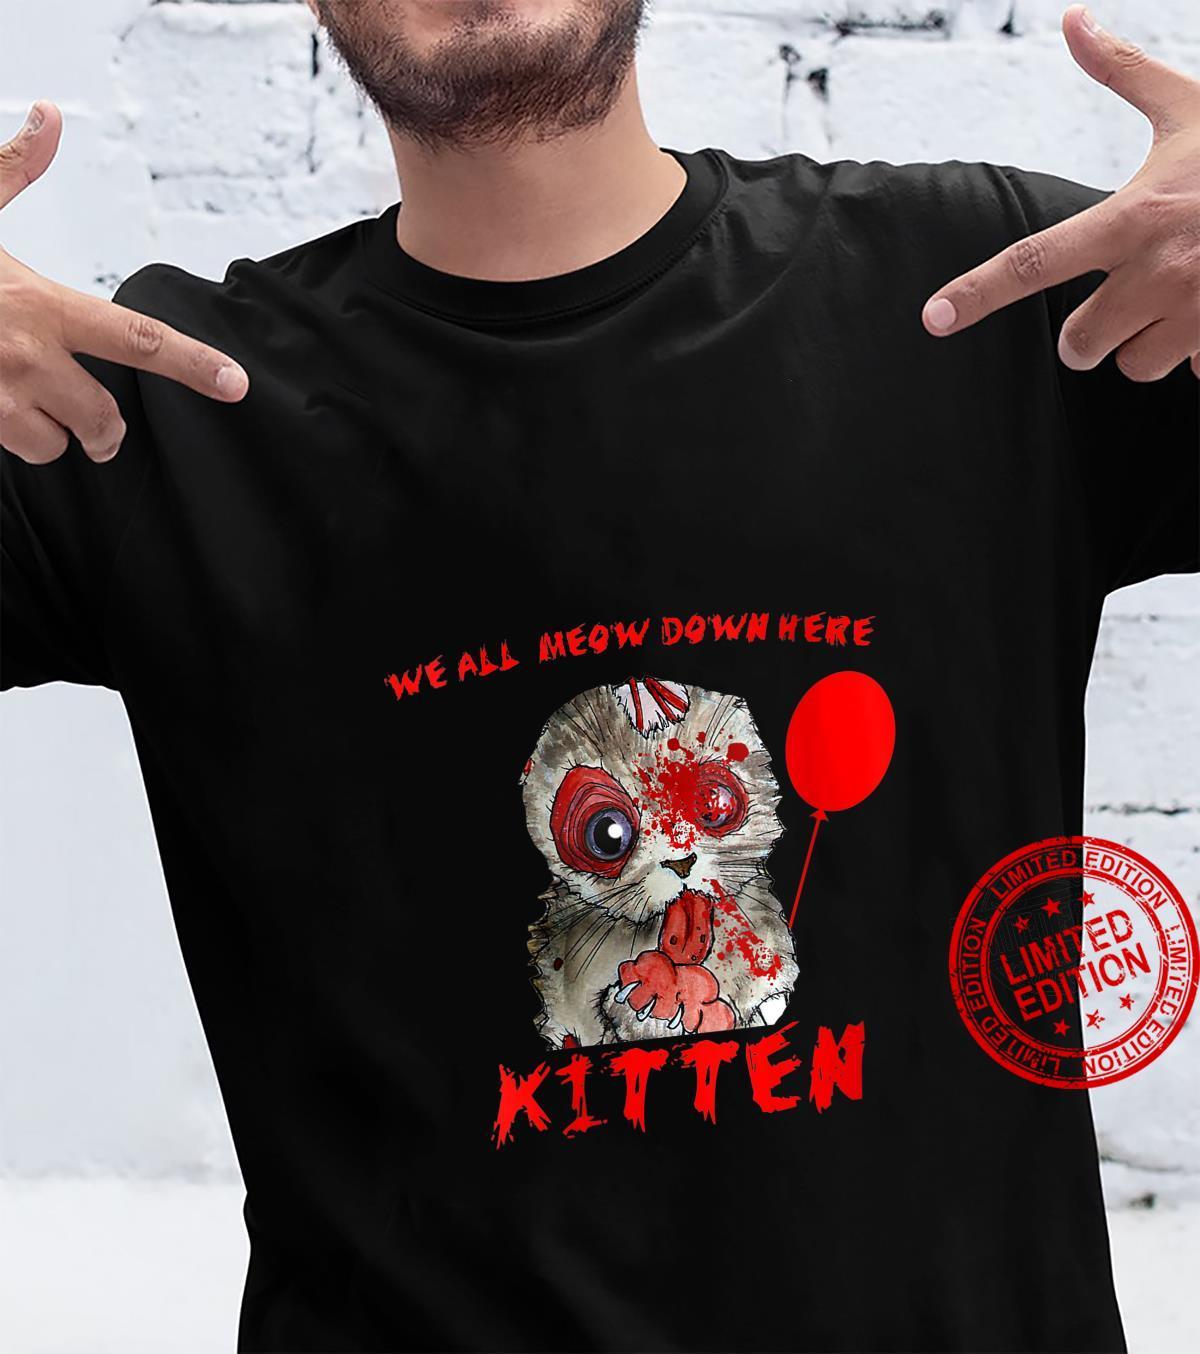 We All Meow Down Here Clown Cat Kitten Shirt